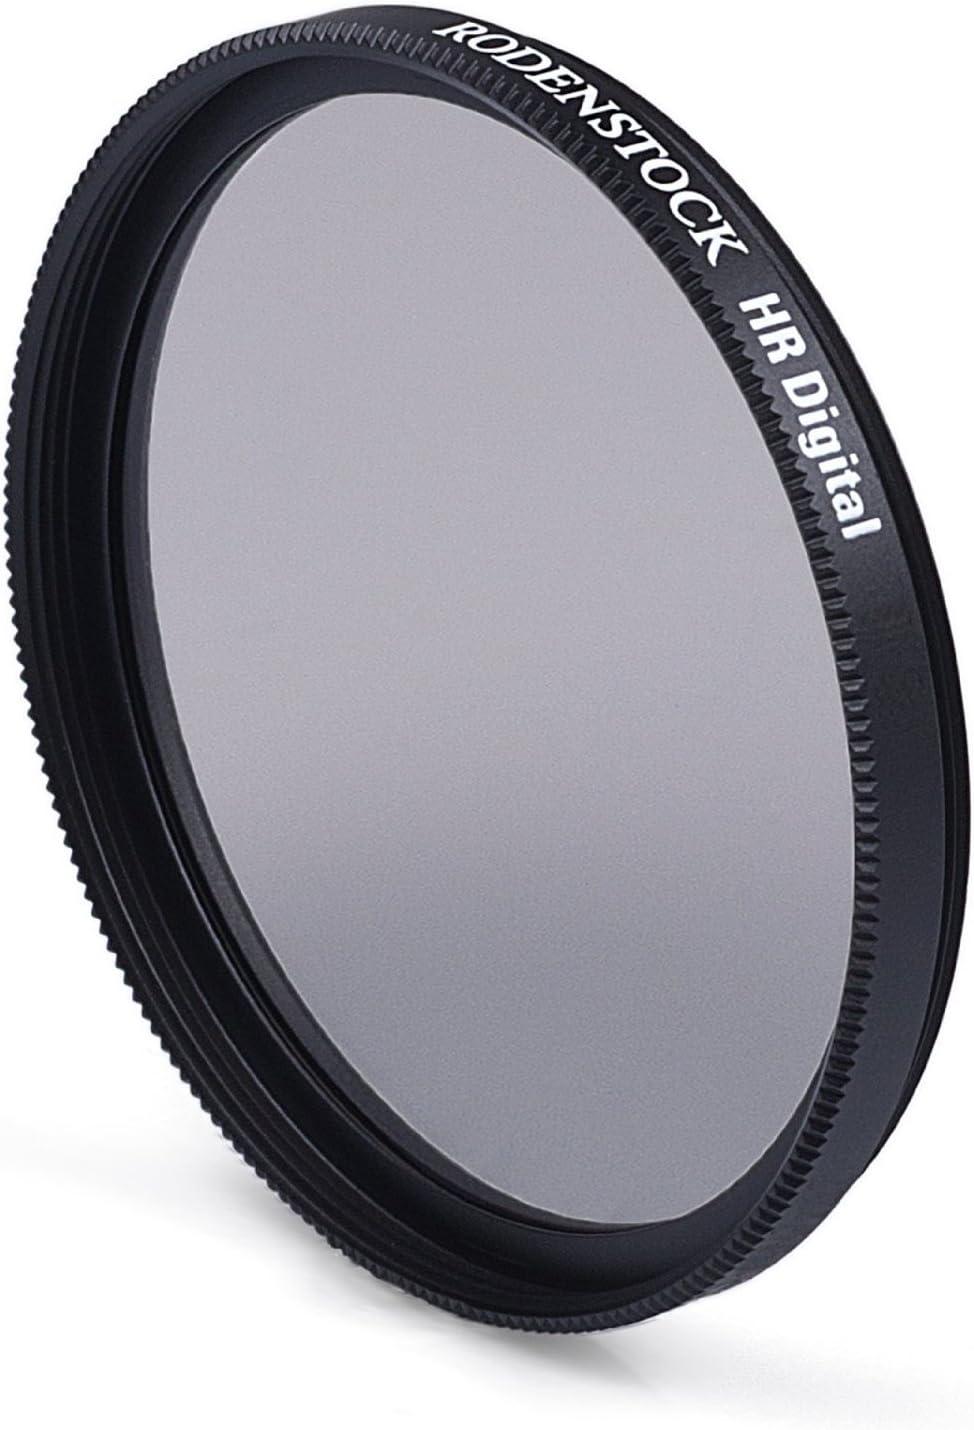 Black//Transparent Rodenstock 407740 77mm Slim Circular Polarizer Brass Mount Super Multi-coated Black Label Filter